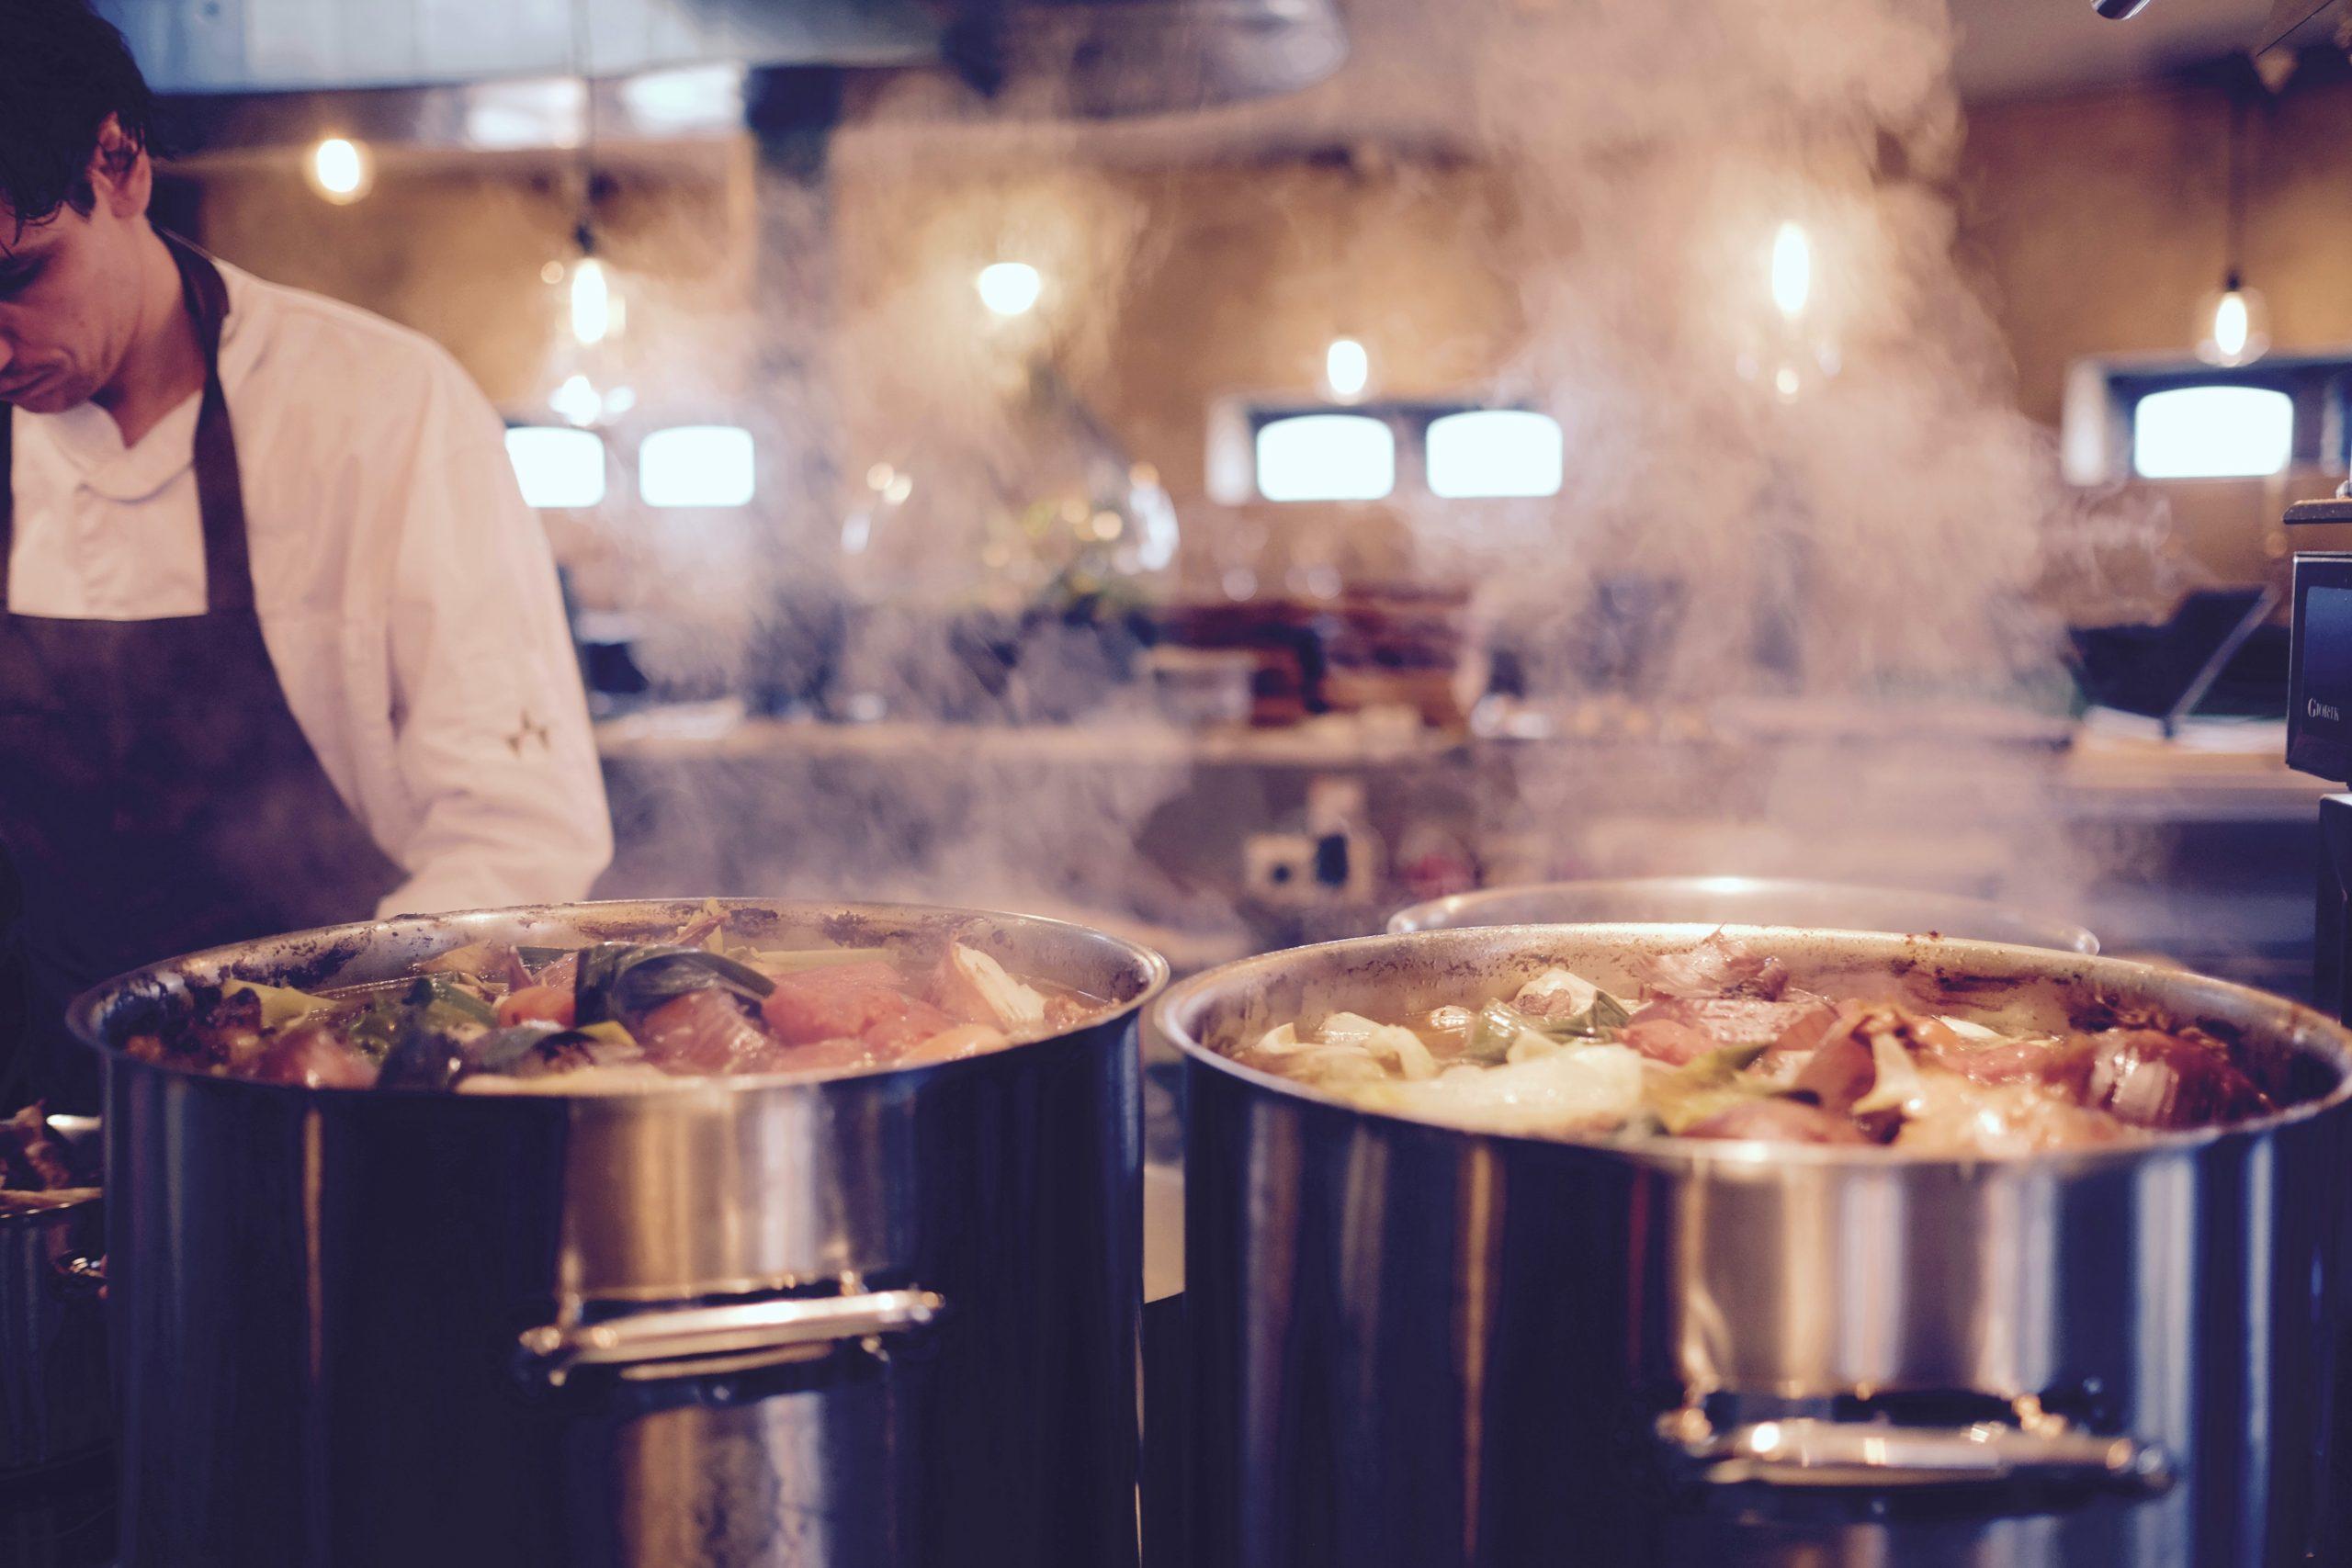 Commercial saucepans full of boiling veg in a restaurant